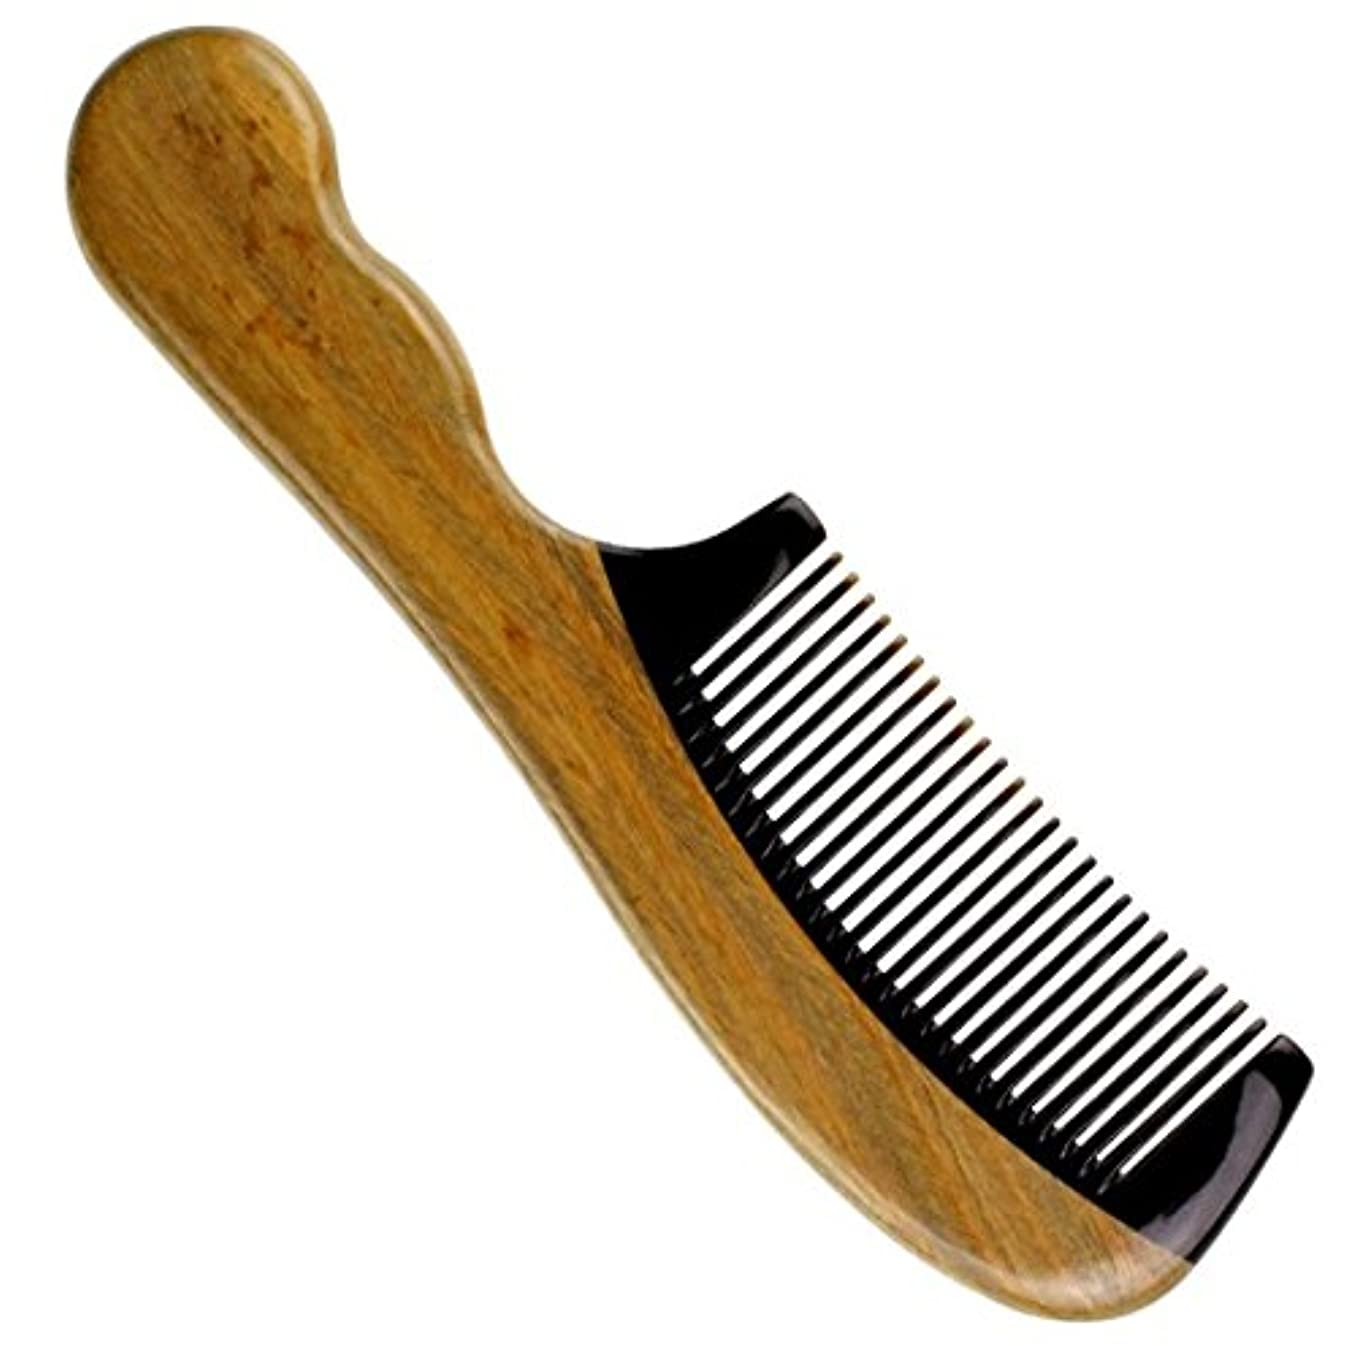 櫛型 緑檀木 プロも使う牛角かっさプレート マサージ用 血行改善 高級 天然 静電気 防止 美髪 敬老の日(牛の角と檀木)